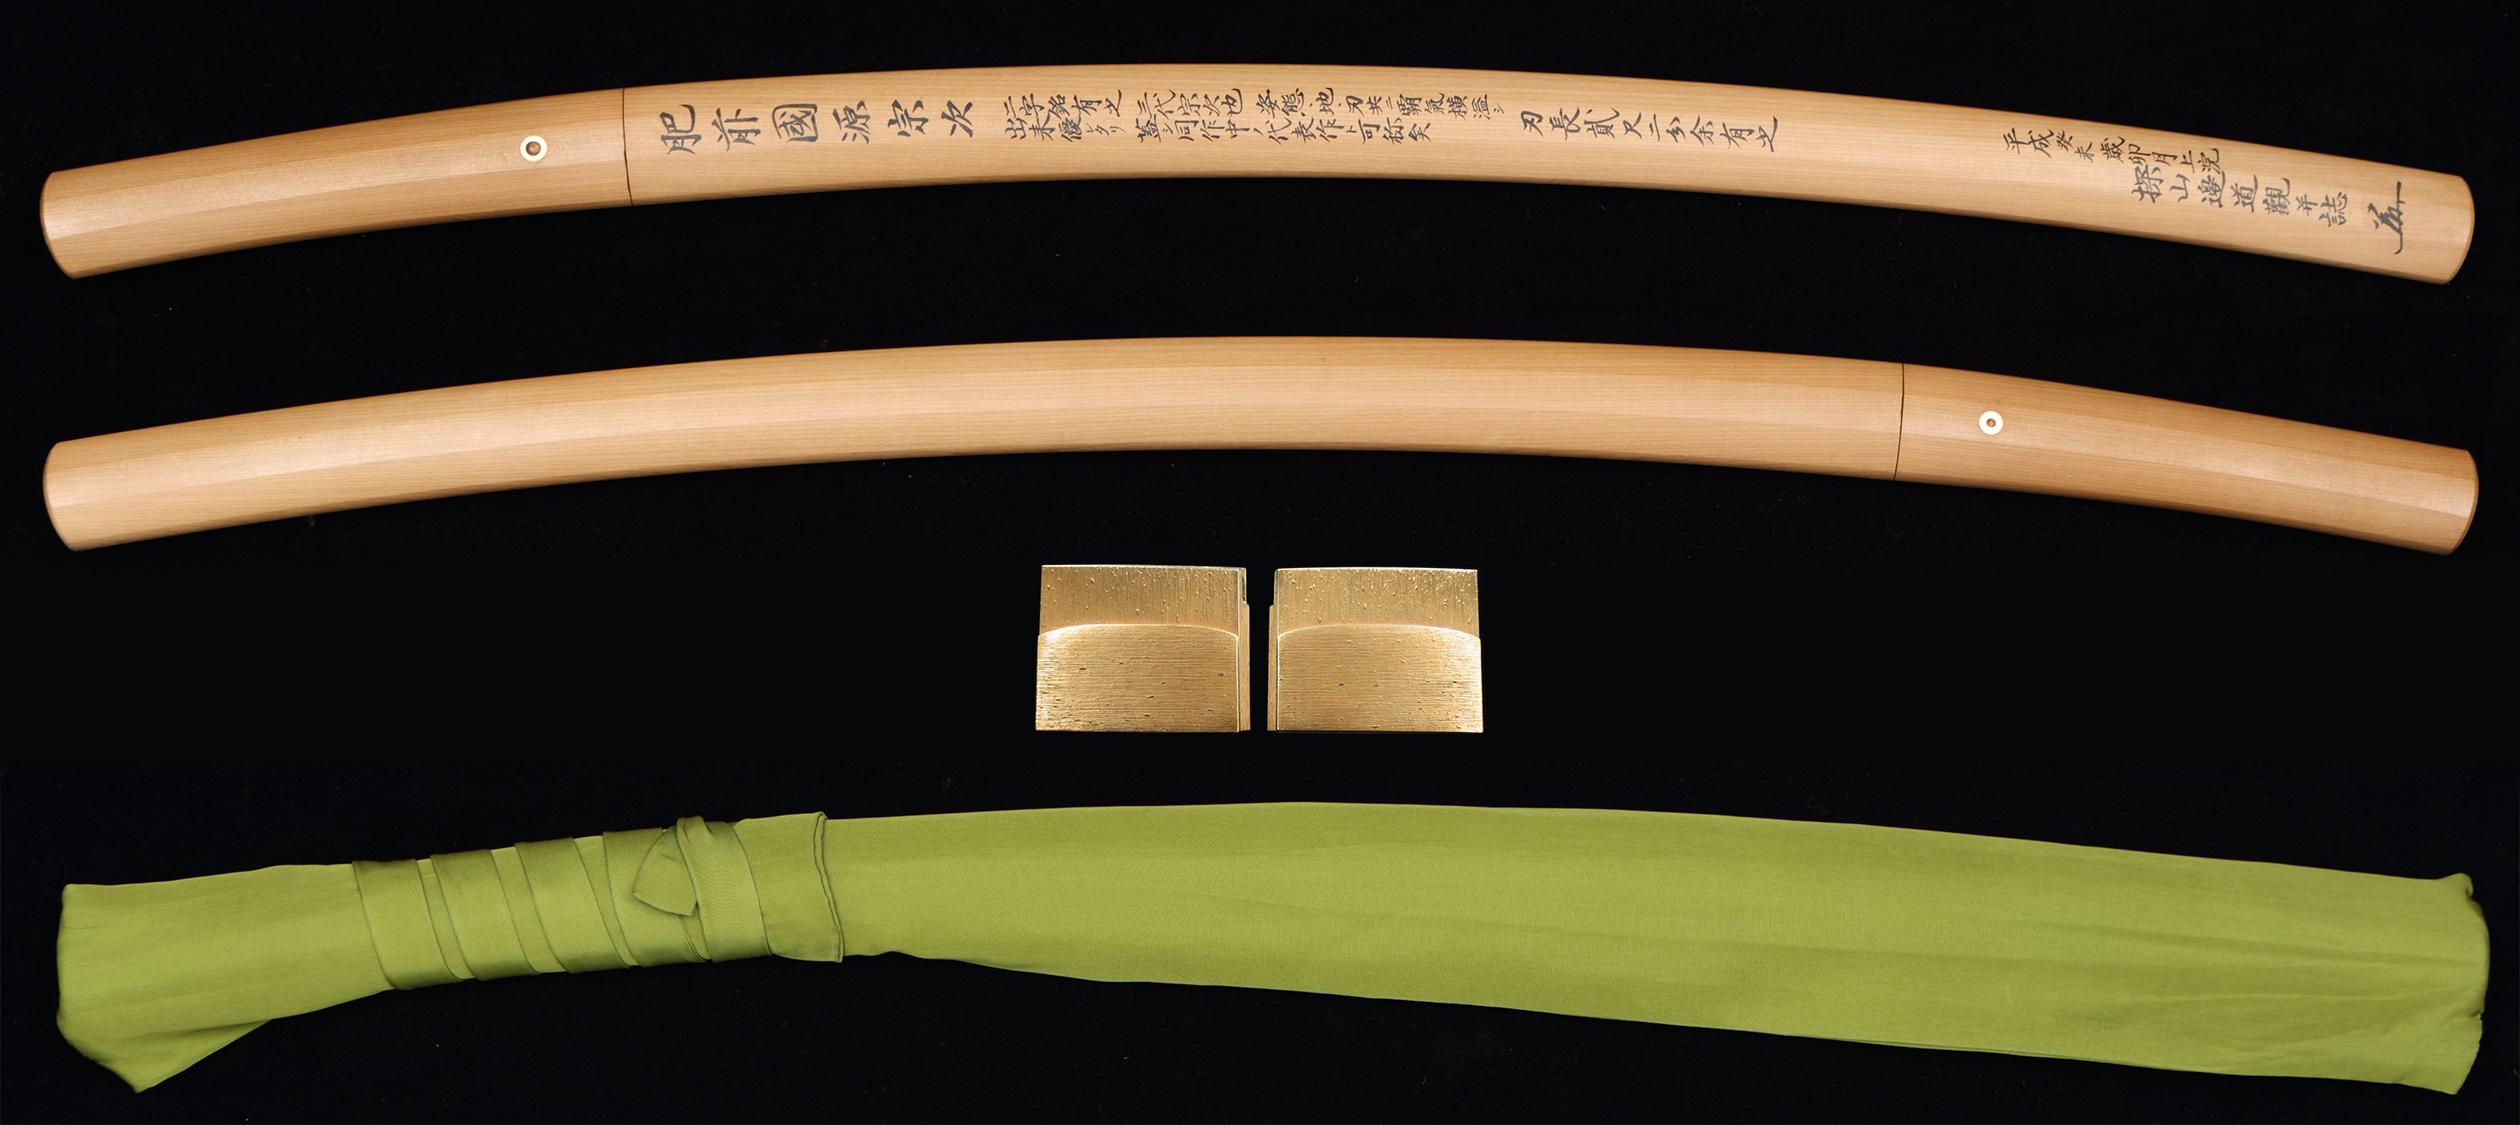 Japanese sword Touken Komachi, Katana, Shirasaya Hizen no kuni